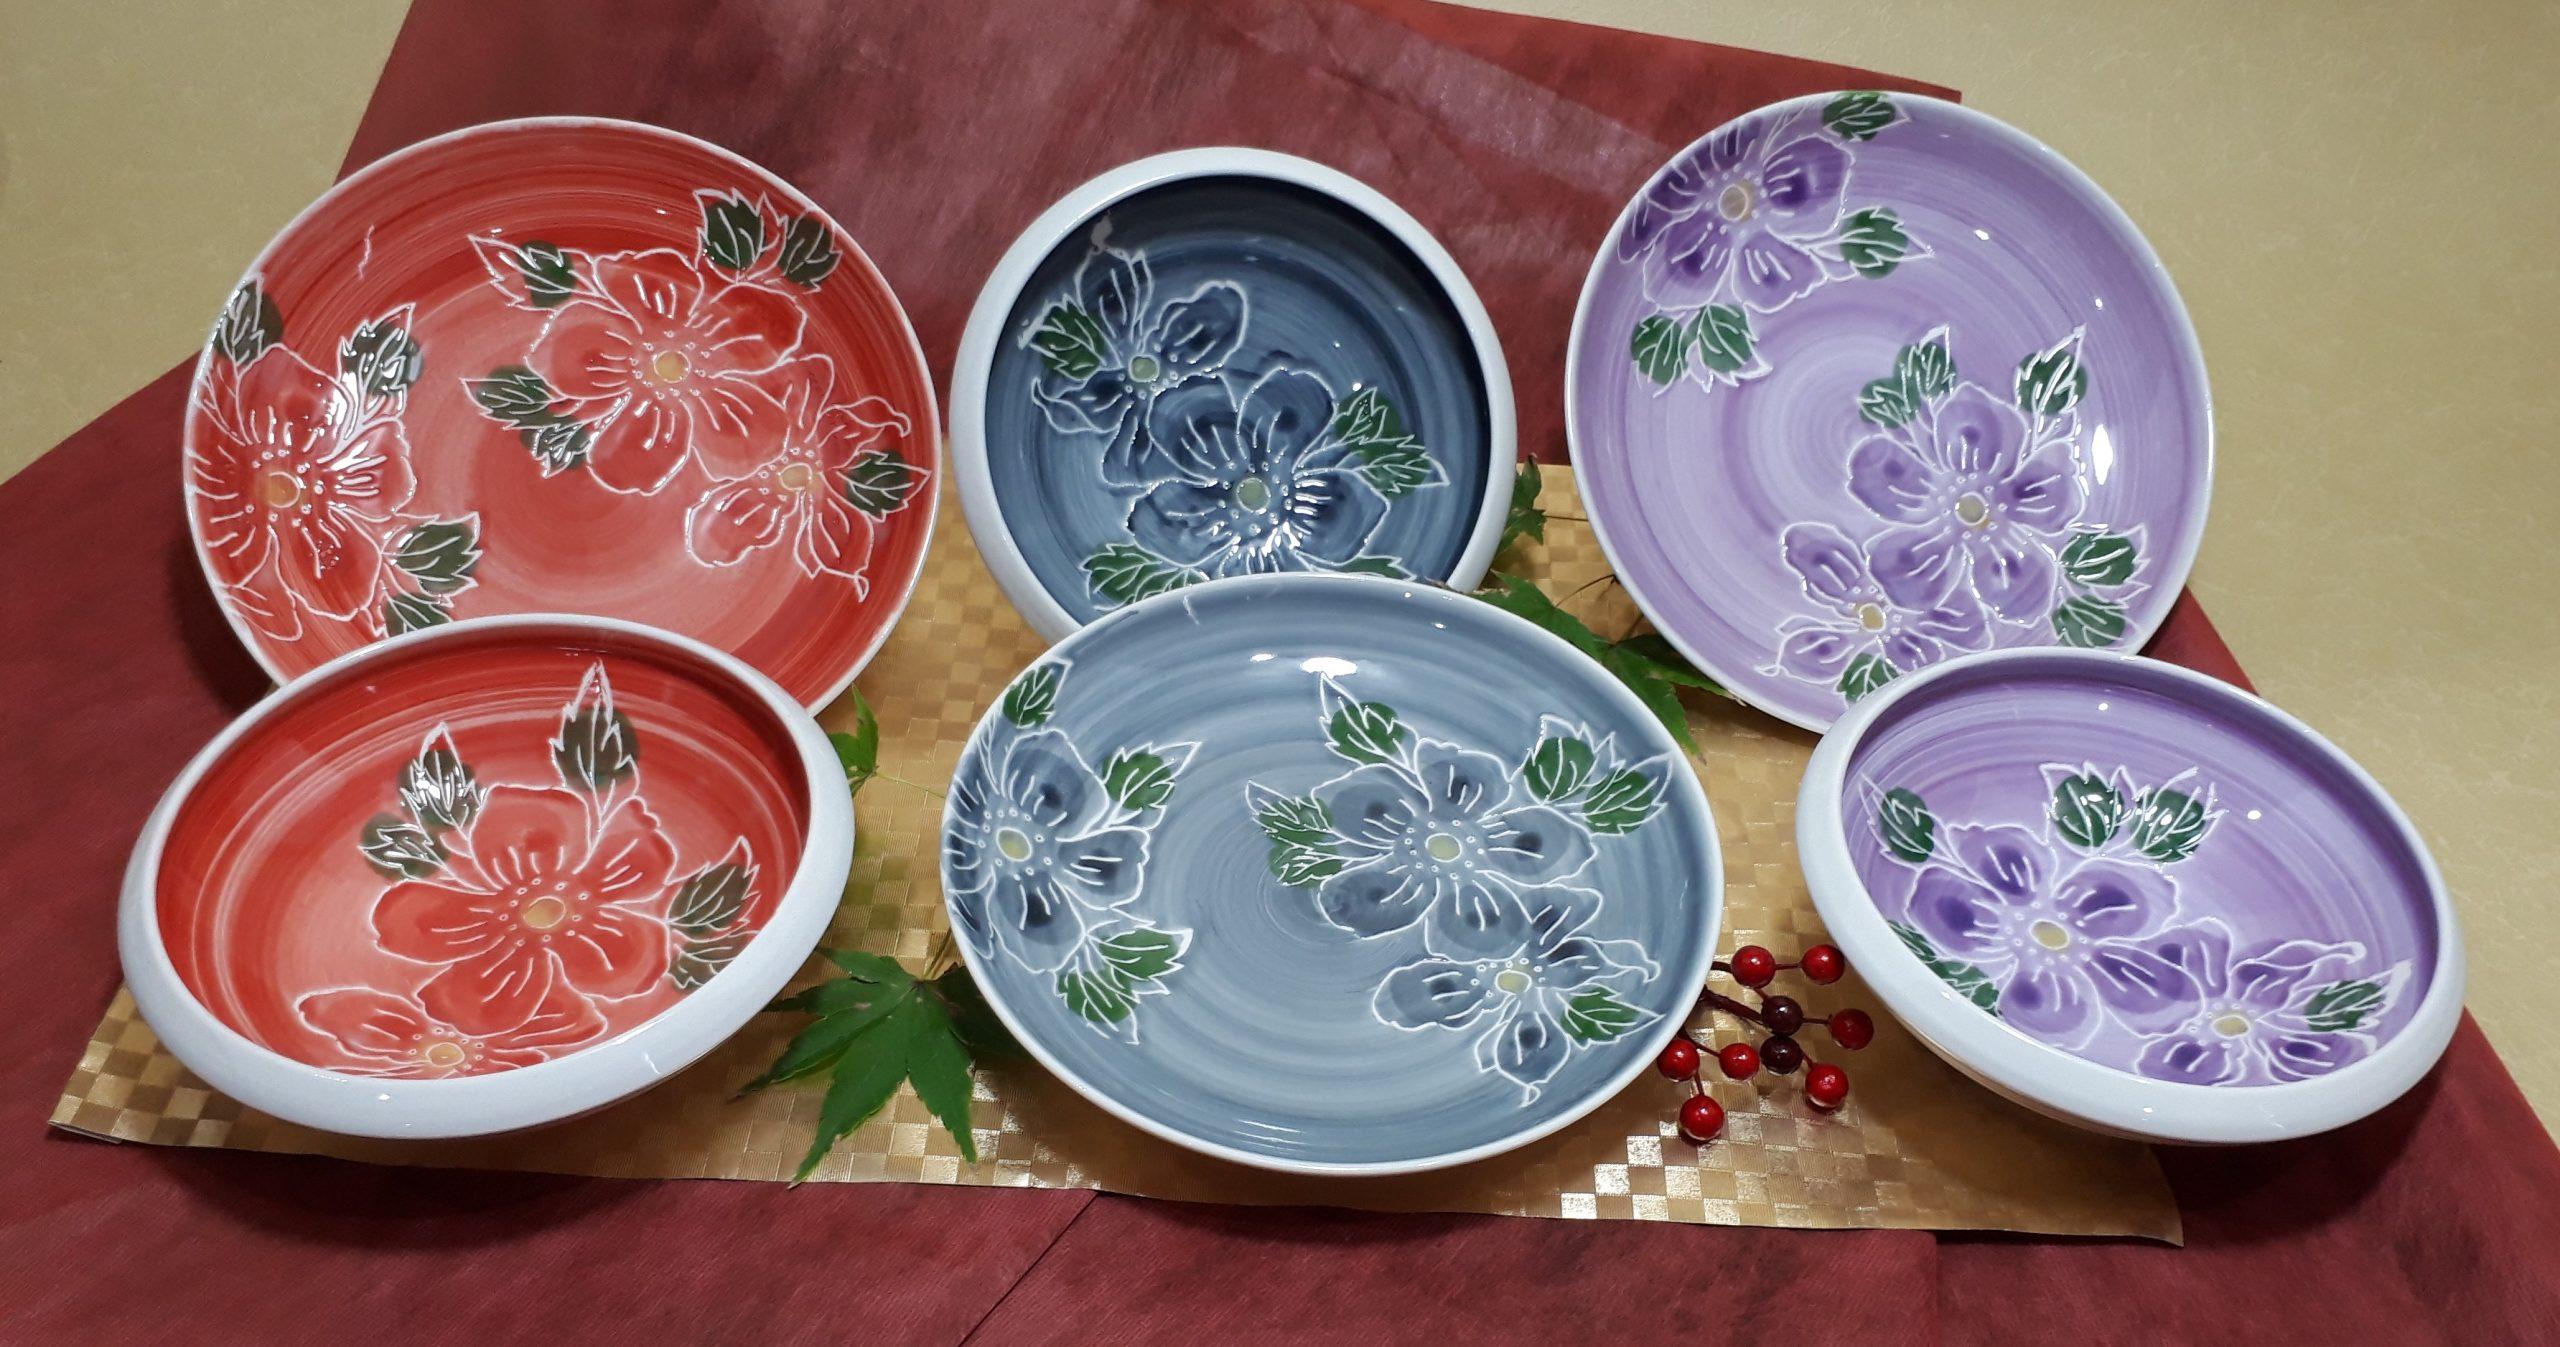 彩り取り皿セット¥3,000(税込)